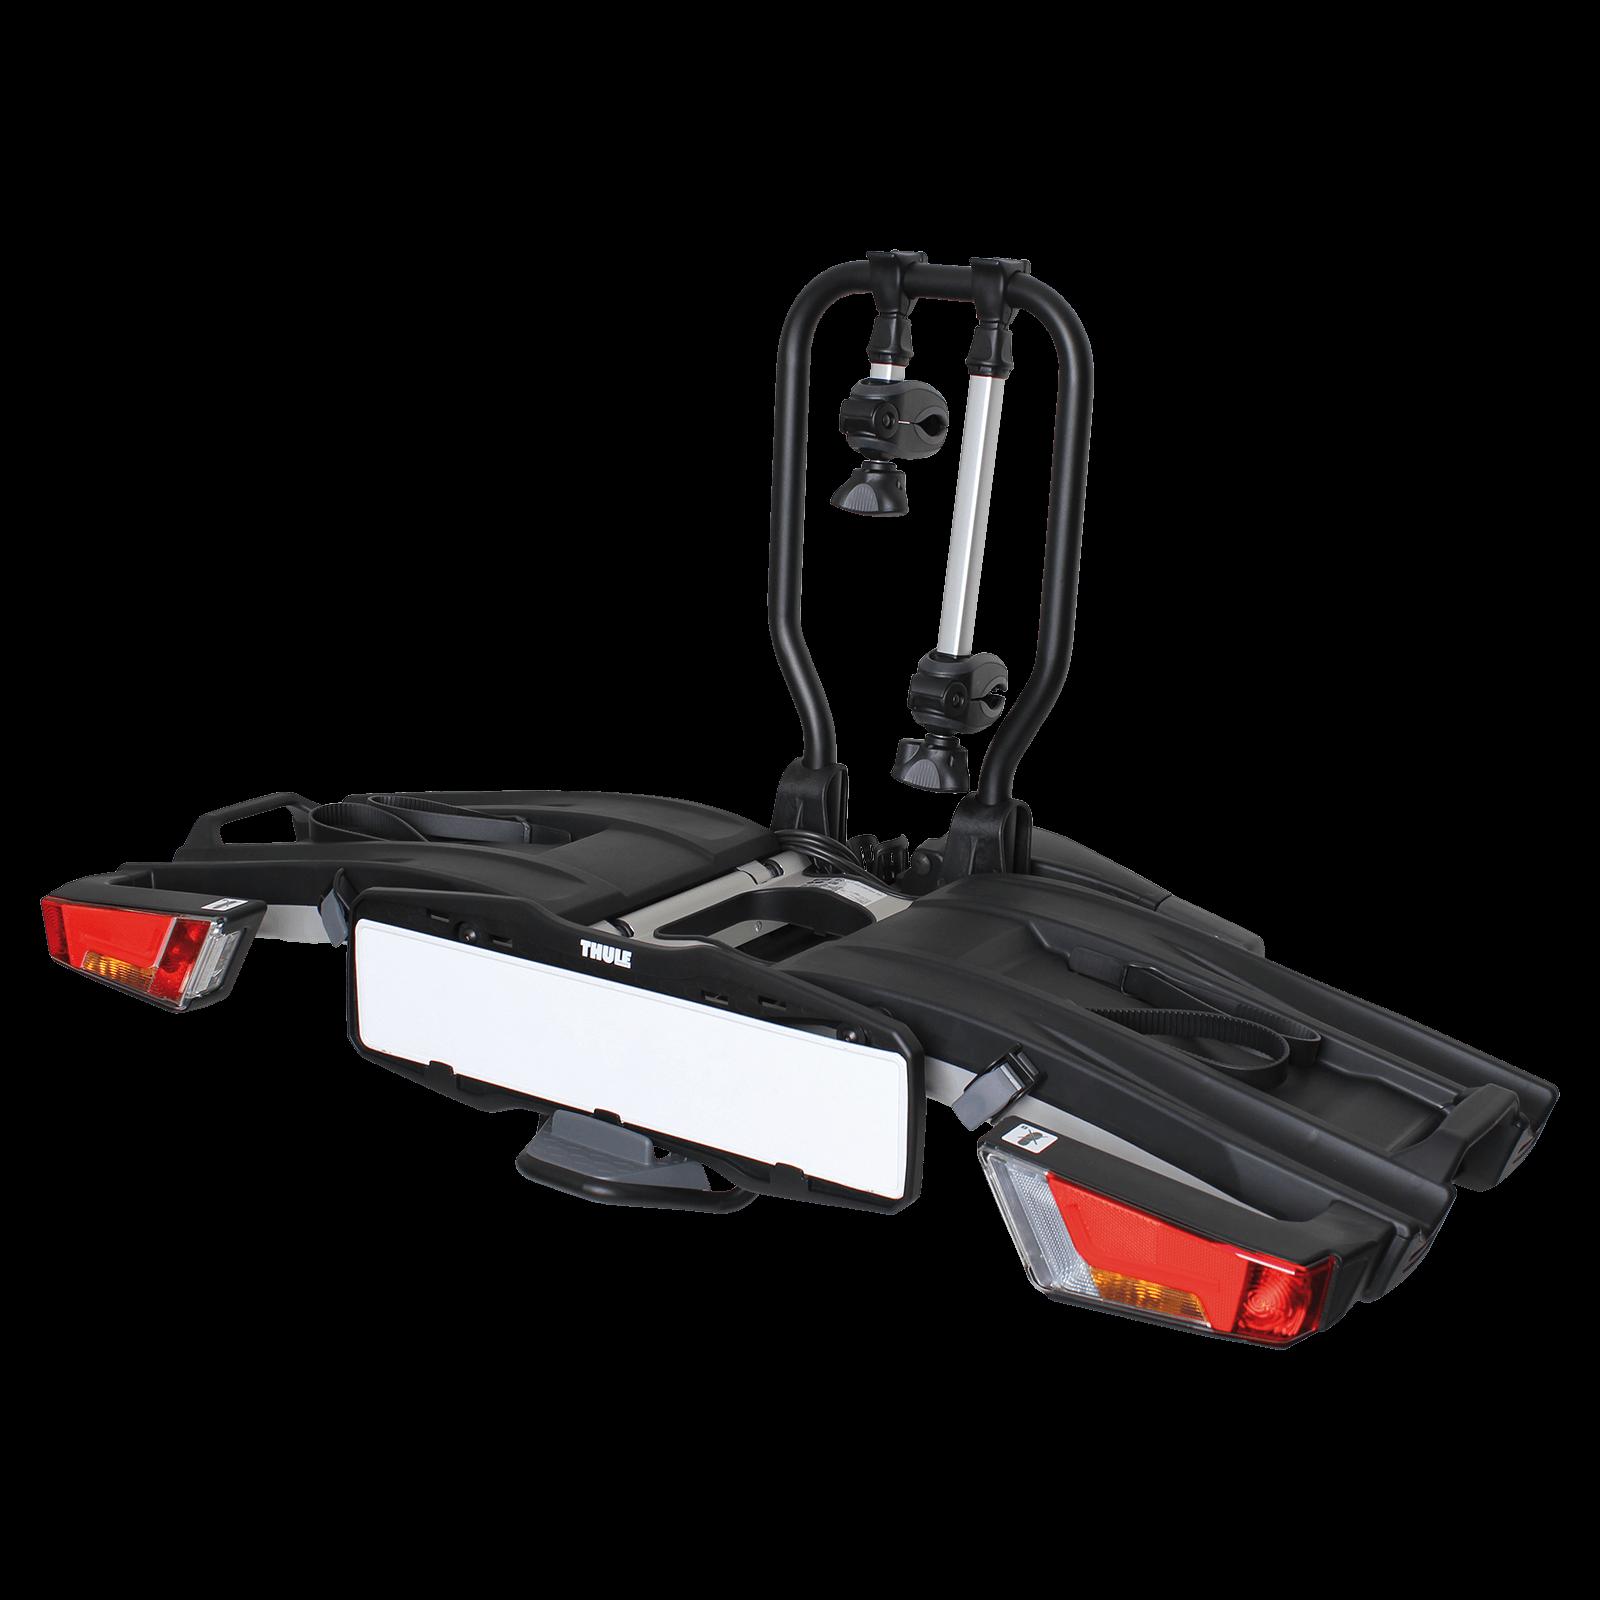 fahrradtr ger thule easyfold xt 2 933 f r 2 fahrr der montage auf der anh ngerkupplung. Black Bedroom Furniture Sets. Home Design Ideas